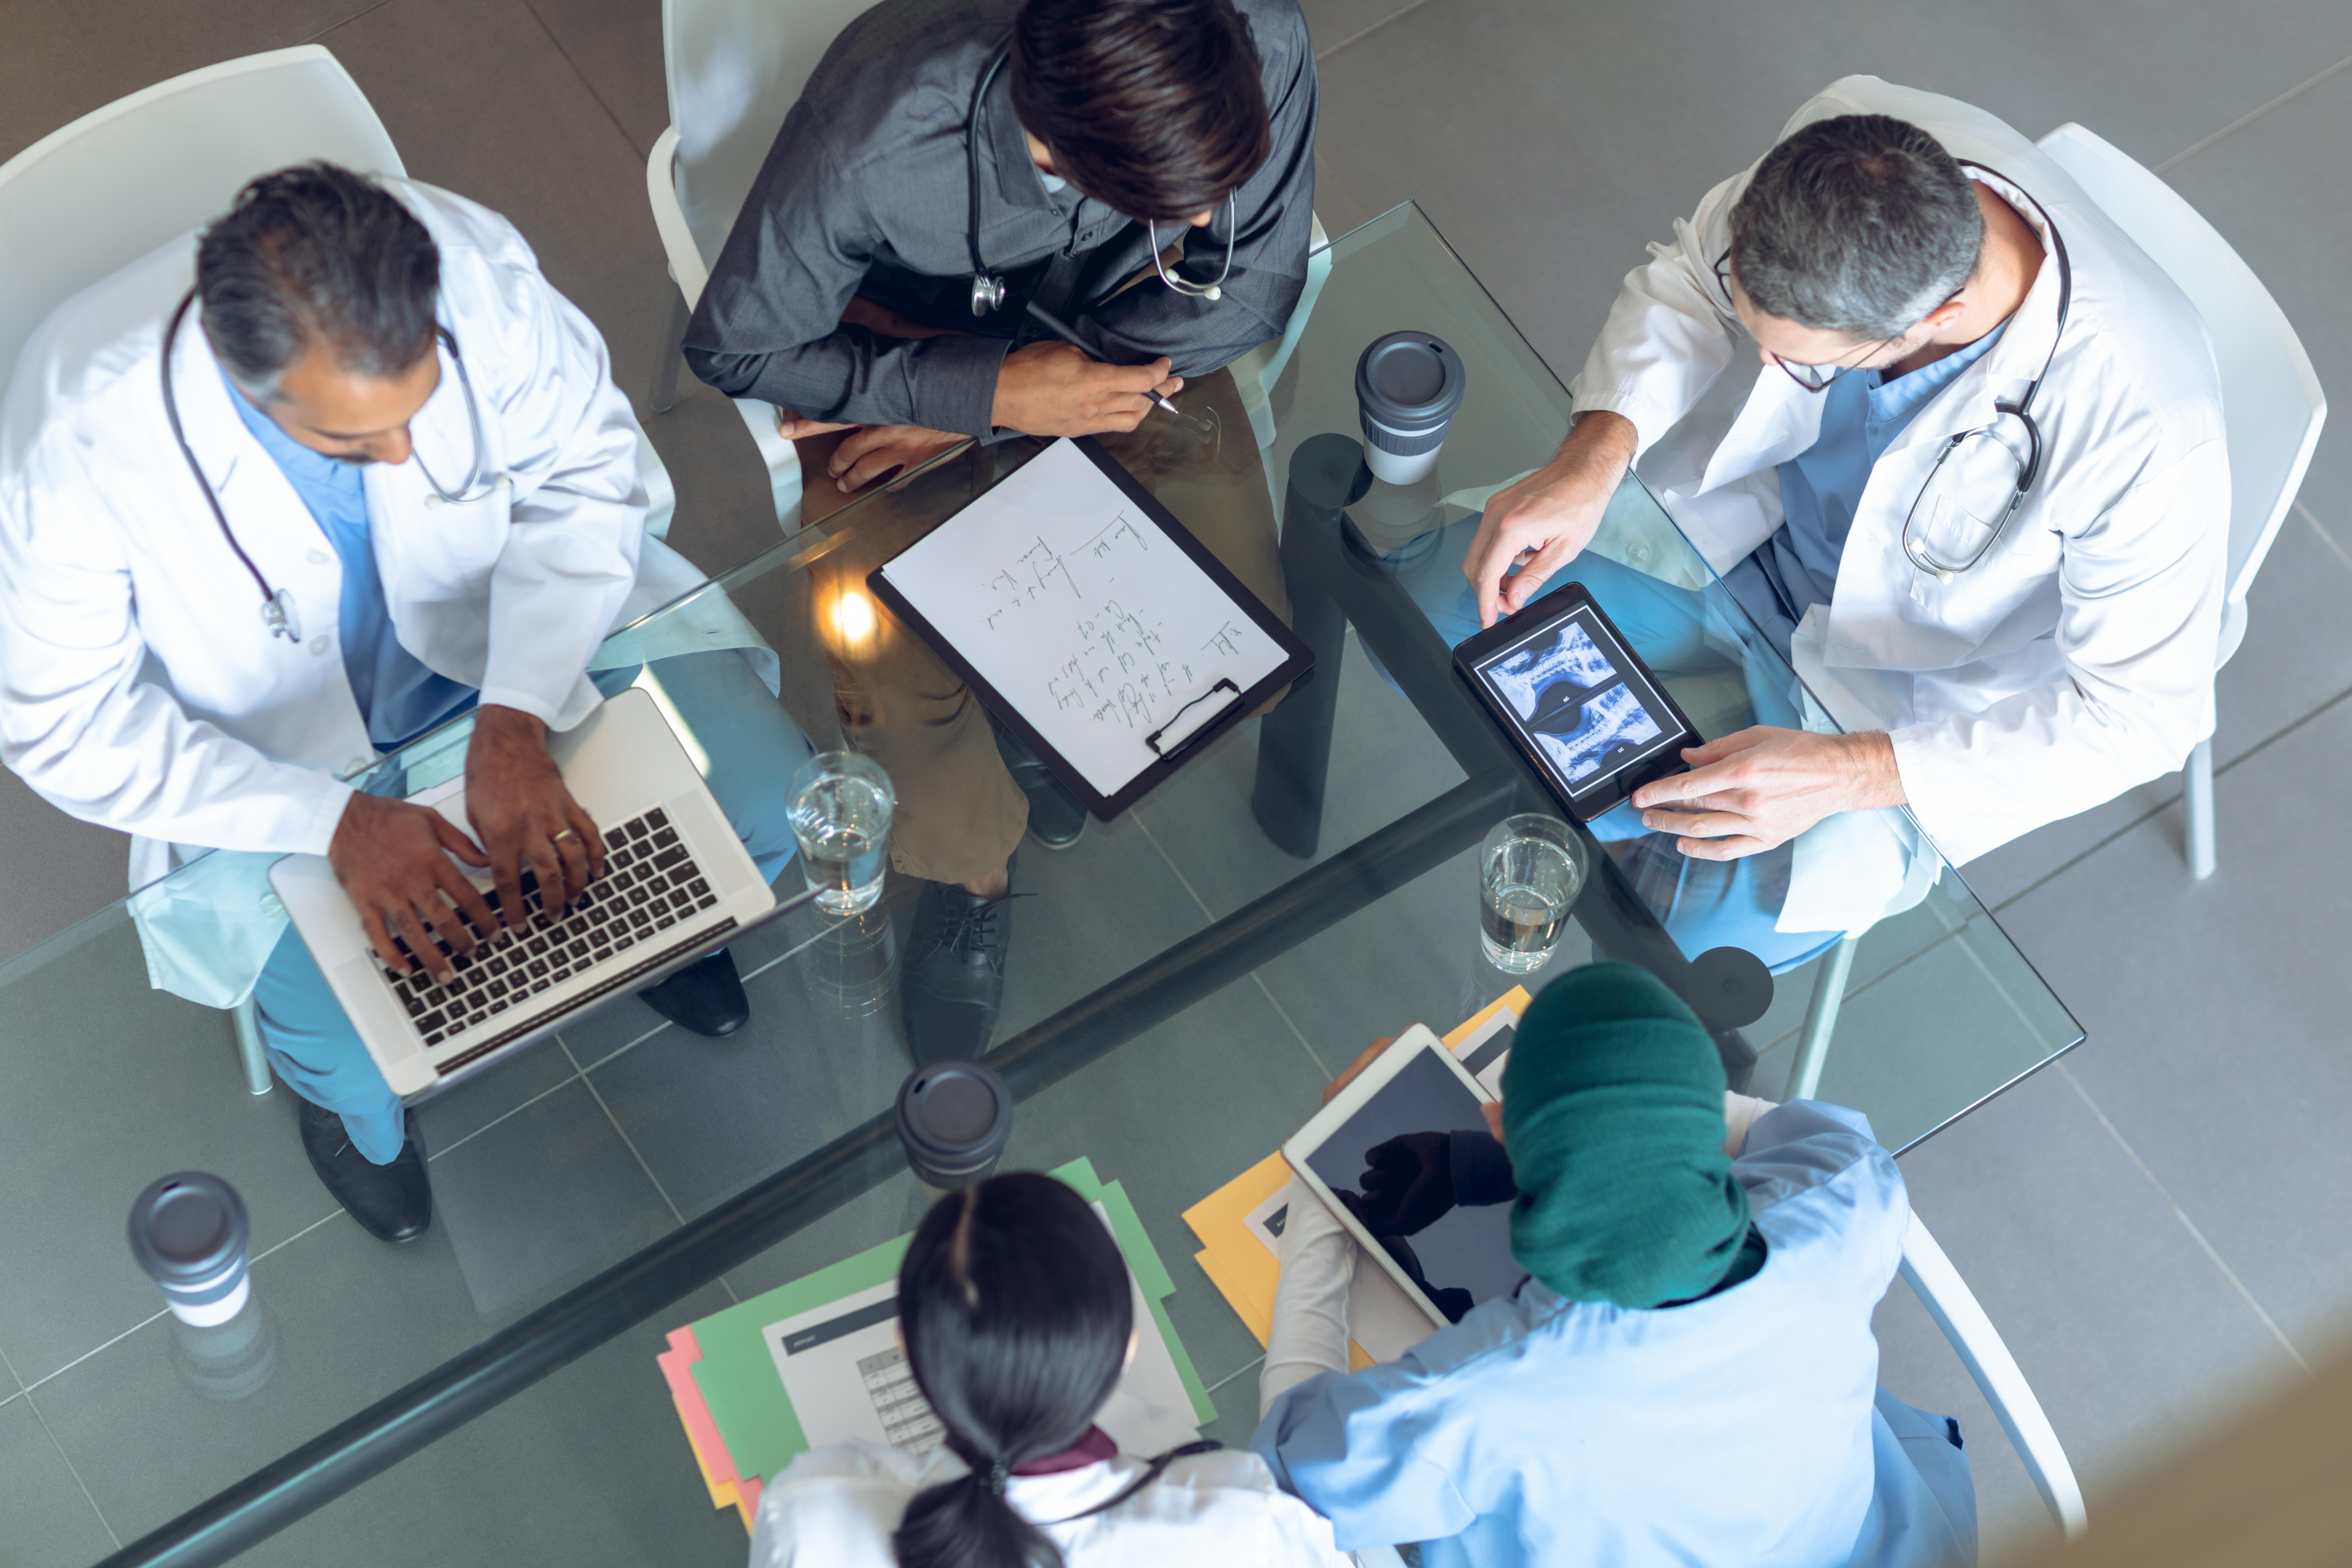 La télémédecine, c'est pour les Urgences aussi (Visuel Adobe Stock 273299262)